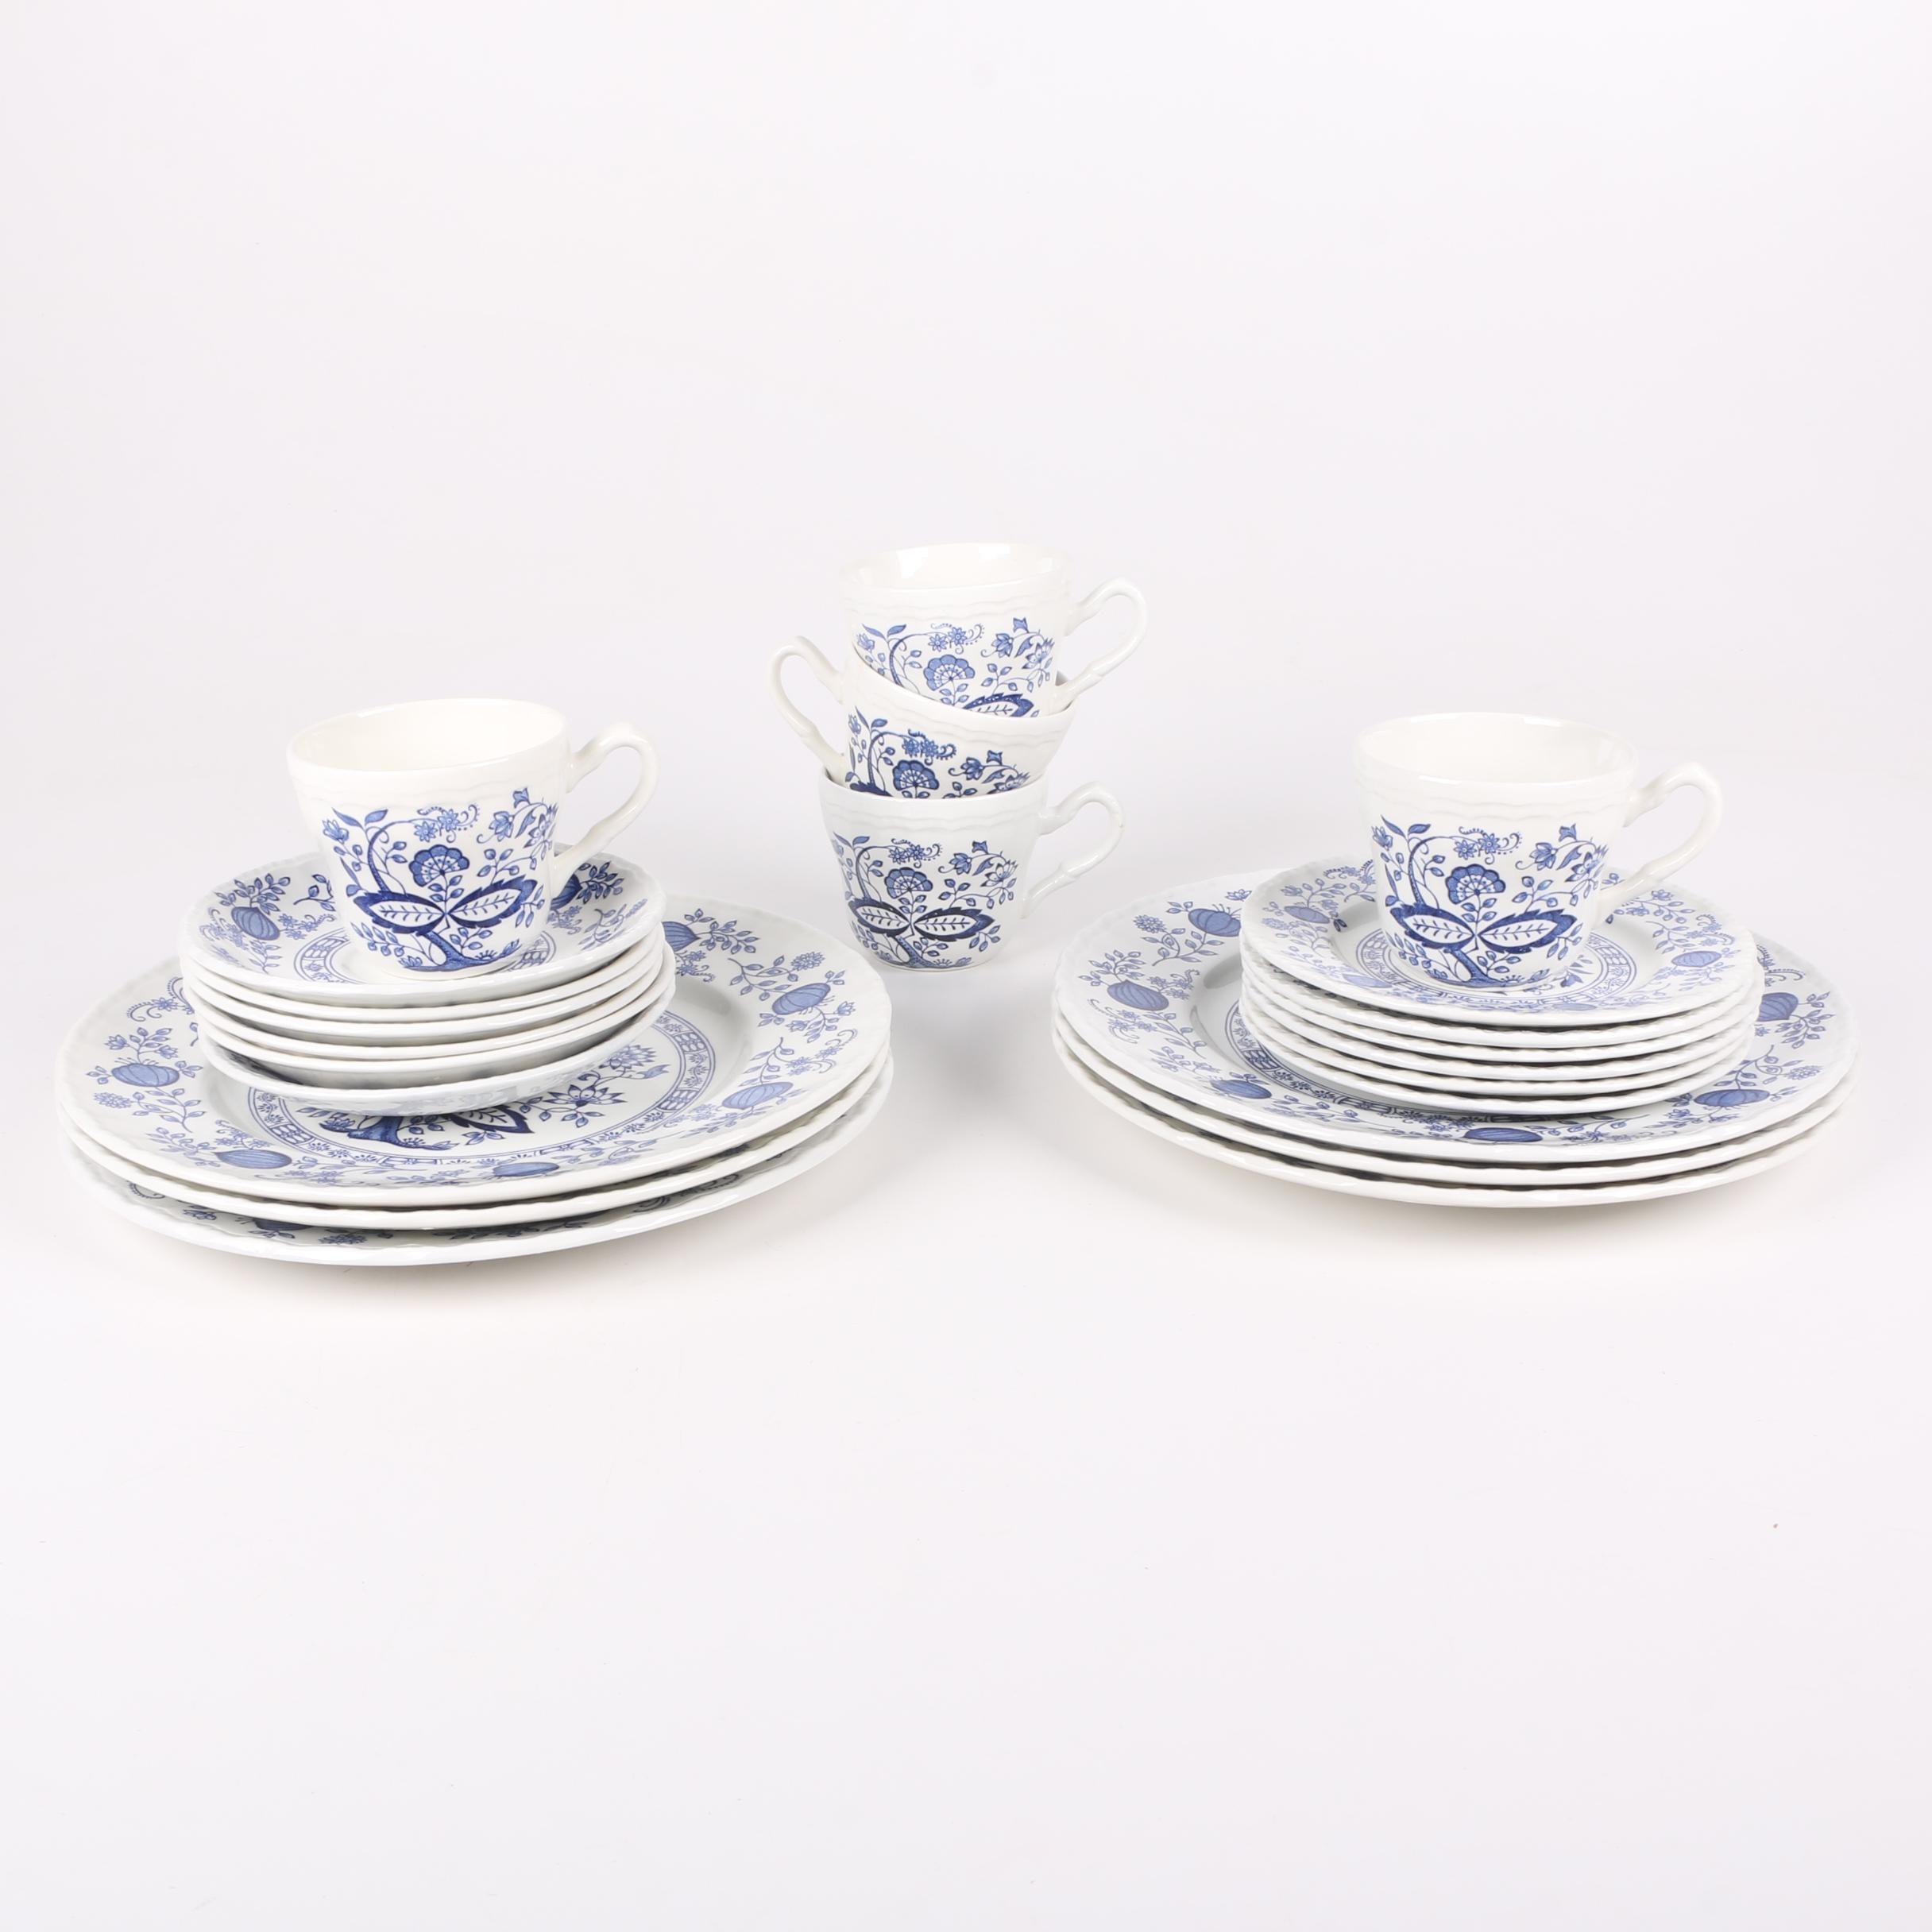 """Wedgwood """"Blue Heritage"""" Porcelain Tableware 1965-80"""